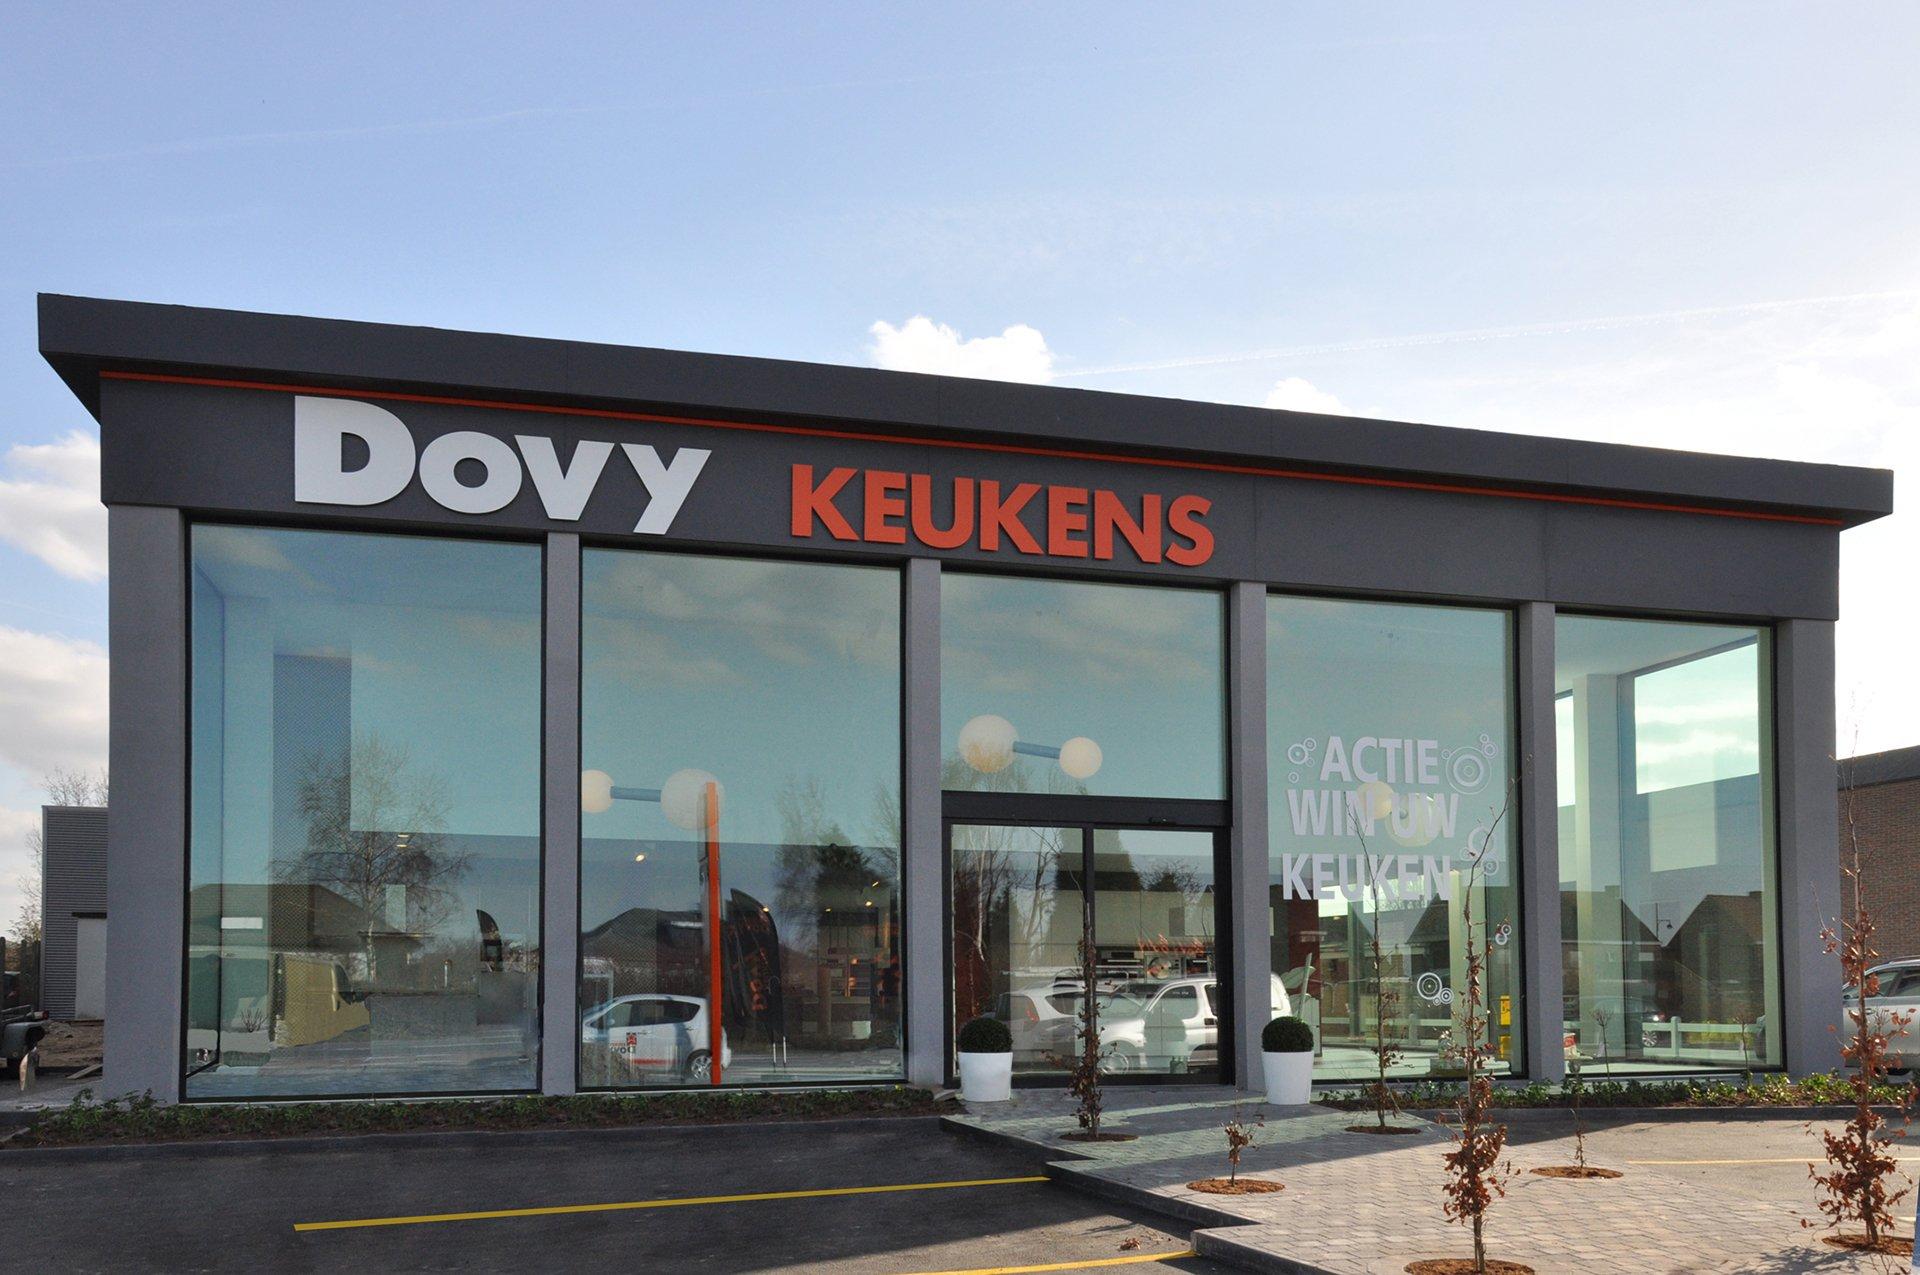 Dovy Keukens Roeselare Adres : Dovy Keukens Roeselare Toonzaal bezoeken Dovy keukens